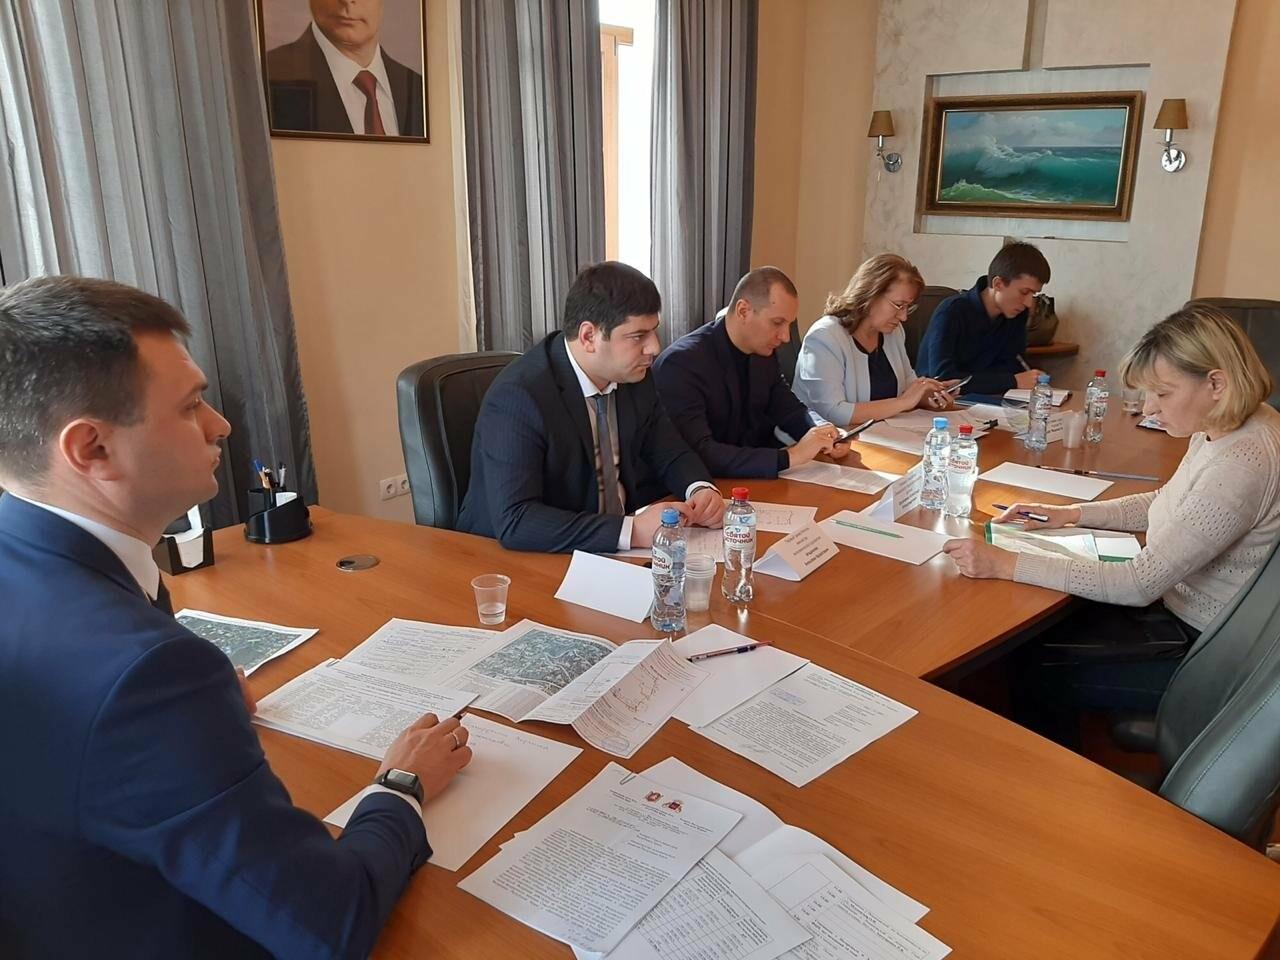 Министр экономического развития РК провёл приём граждан в Симеизе, - подробности, фото-1